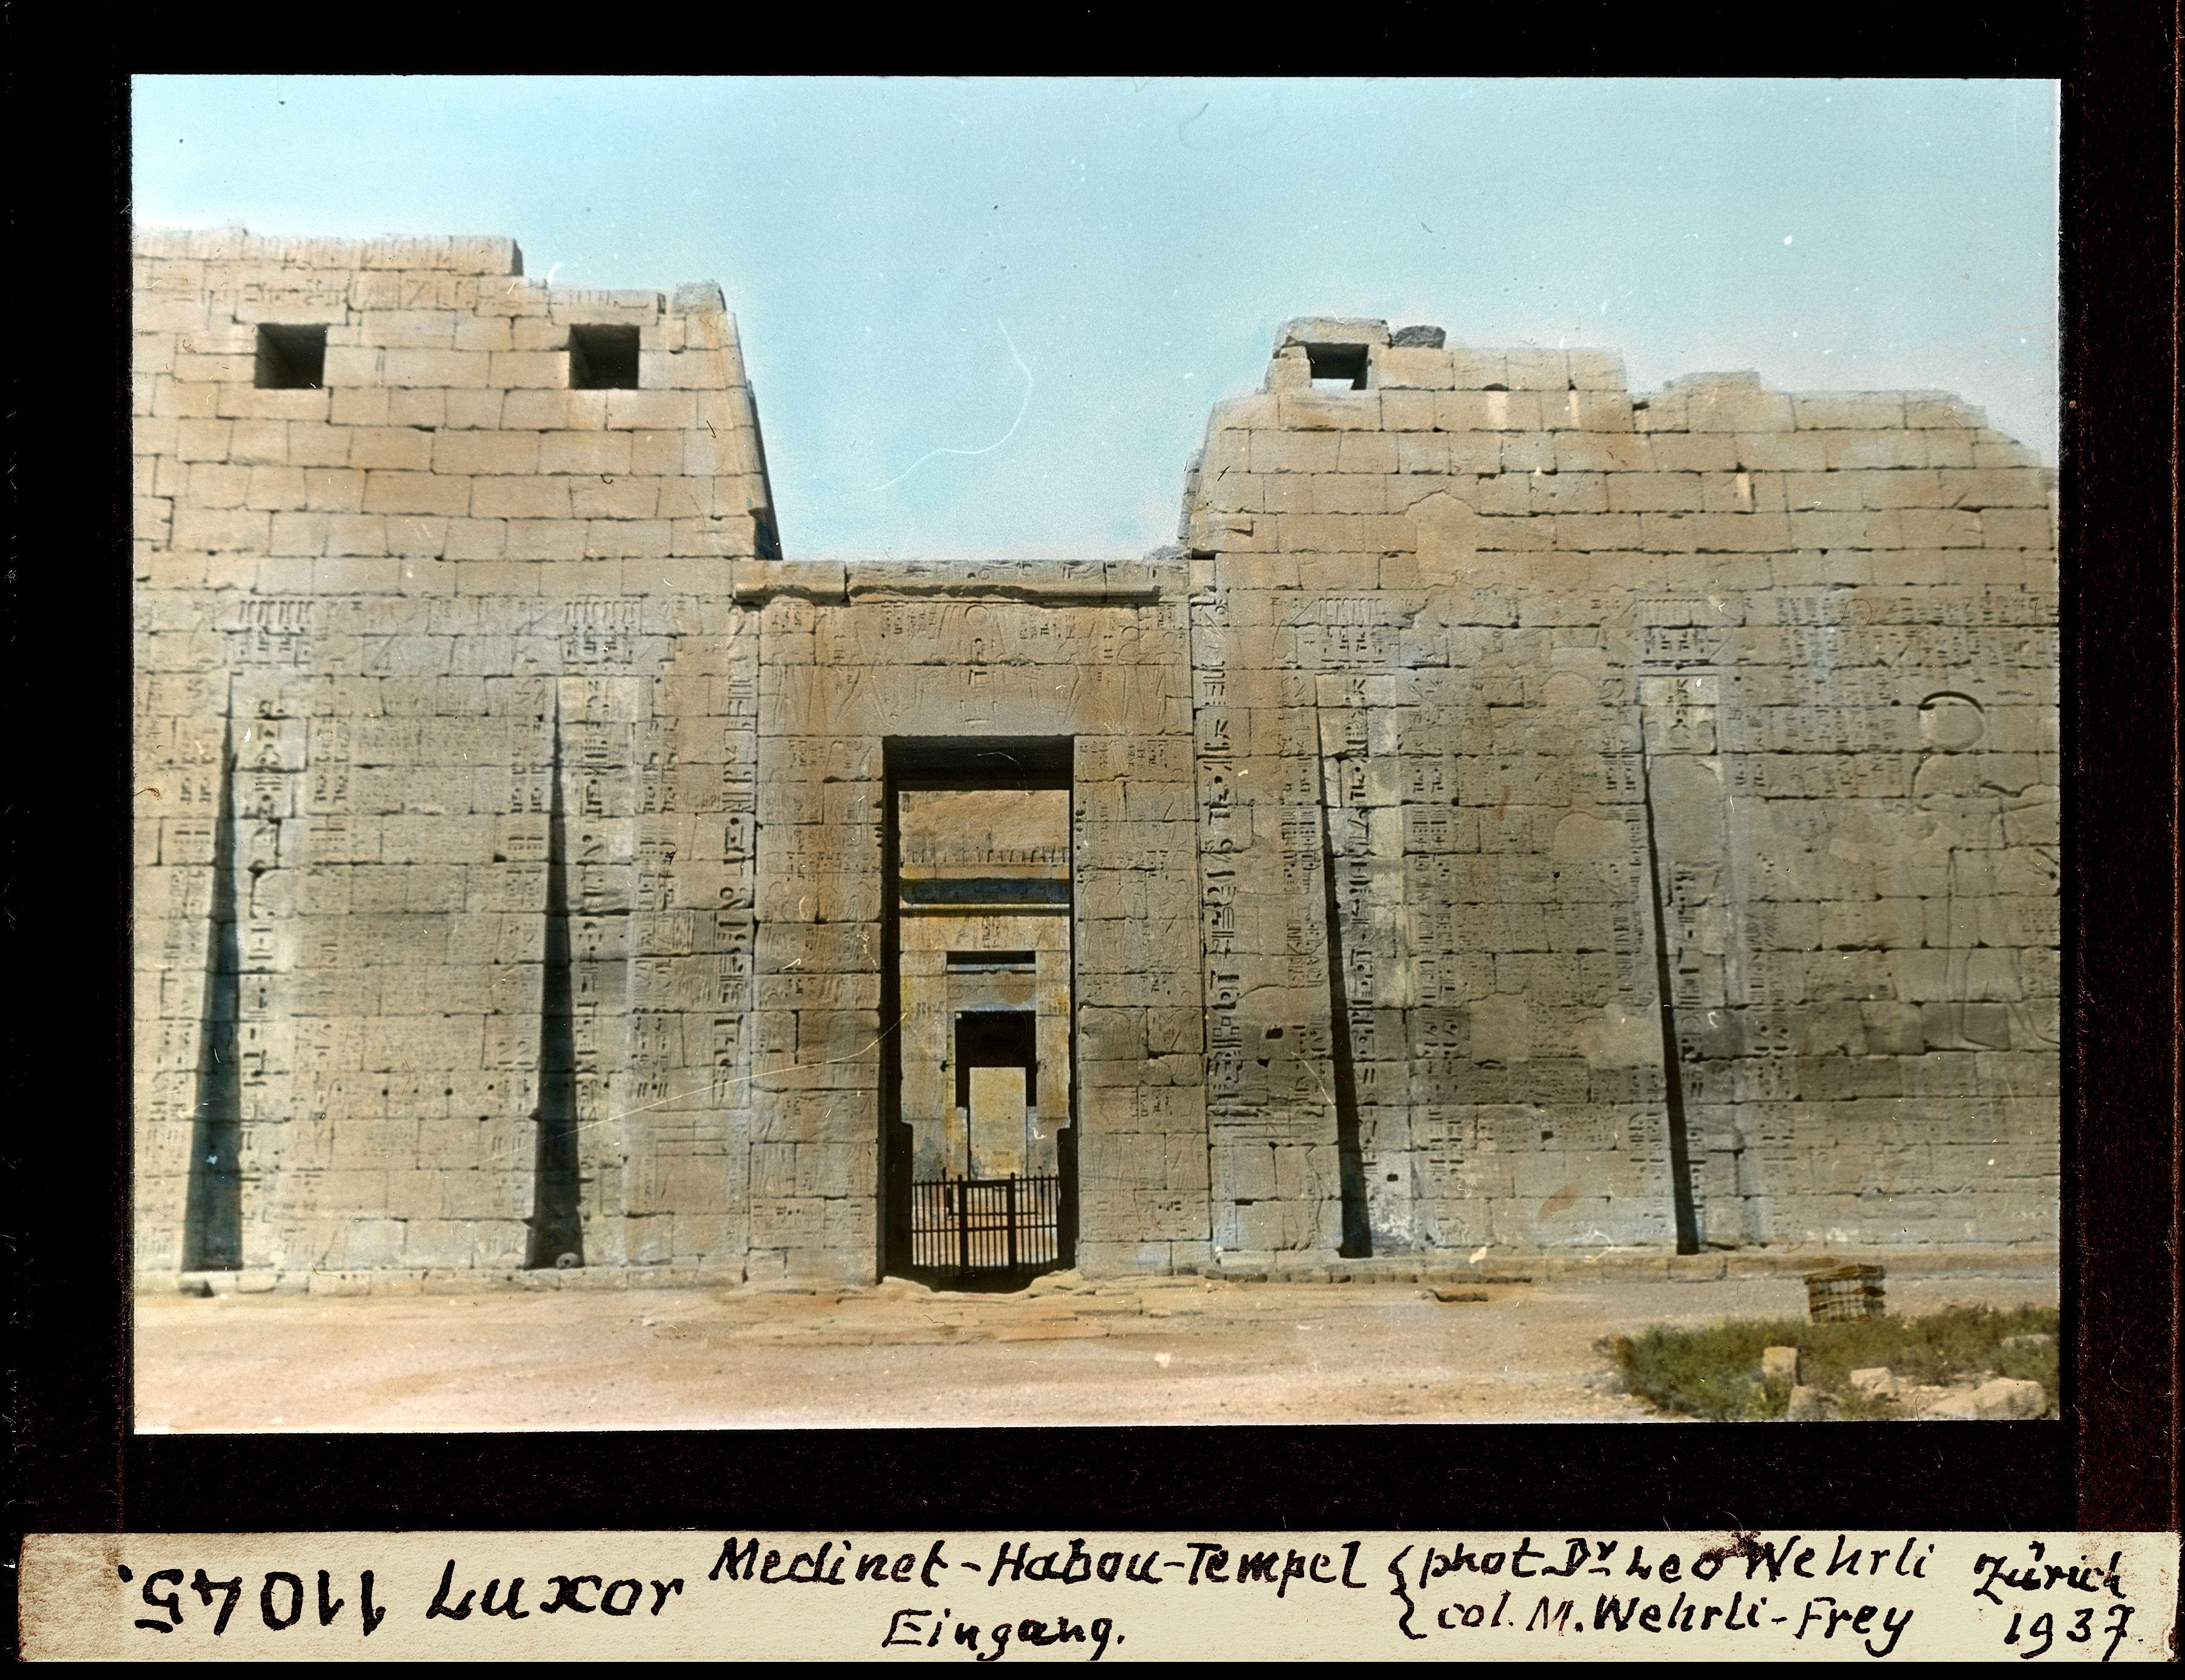 Мединет-Абу. Вход в погребальный храм Рамсеса III